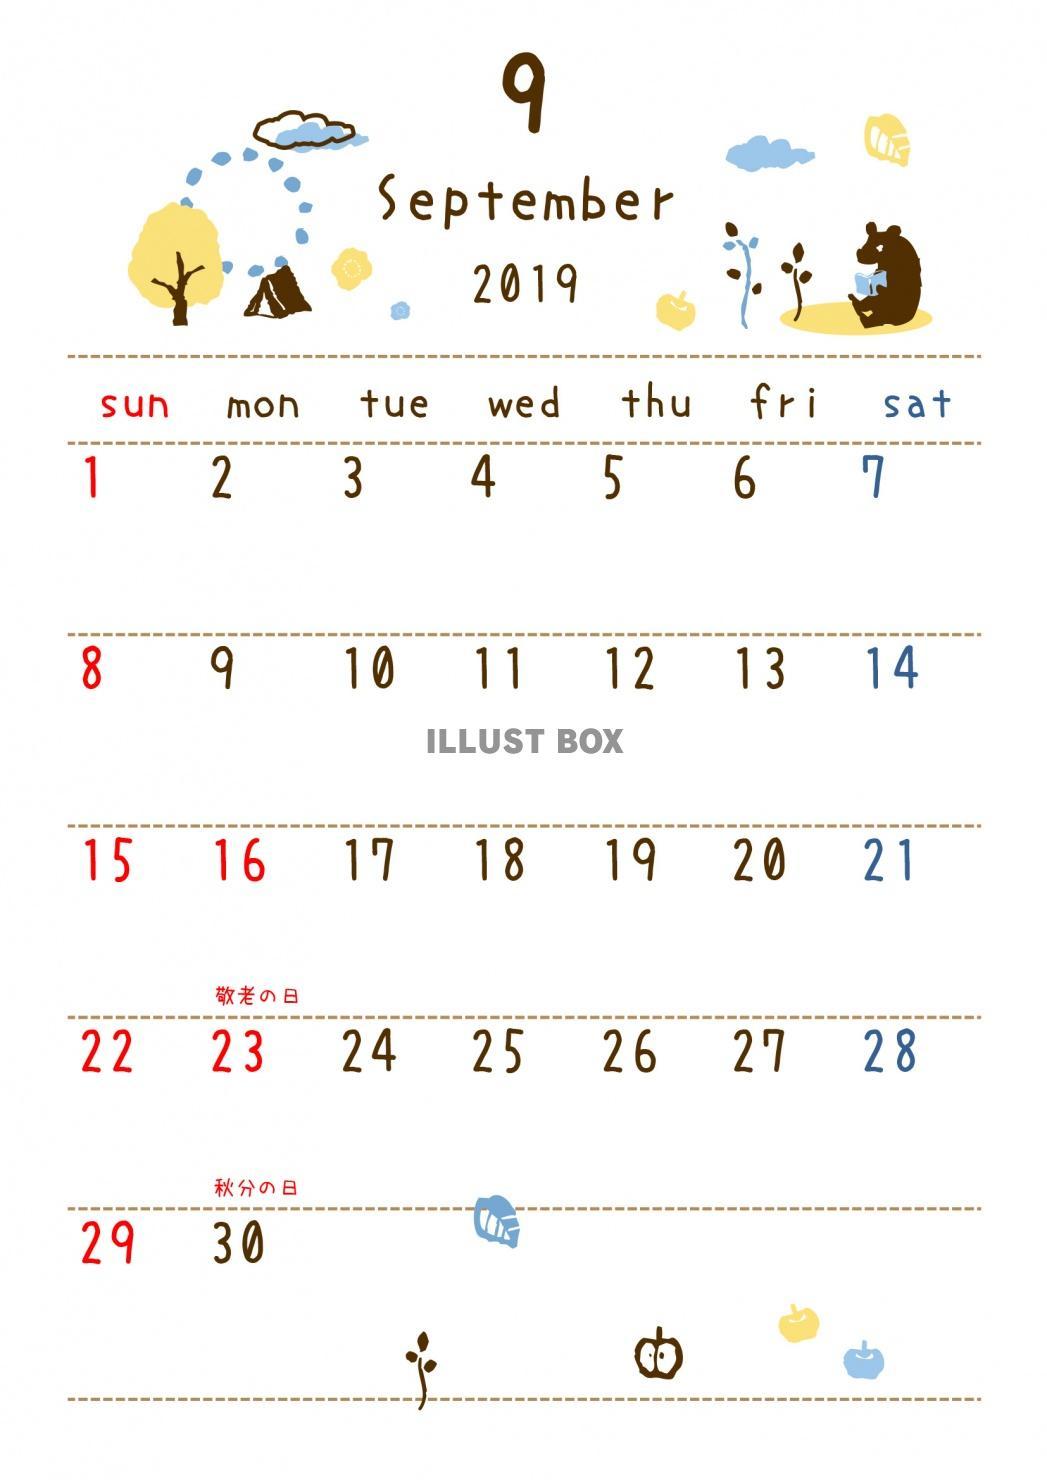 無料イラスト 2019年9月 カレンダー 季節の落書き